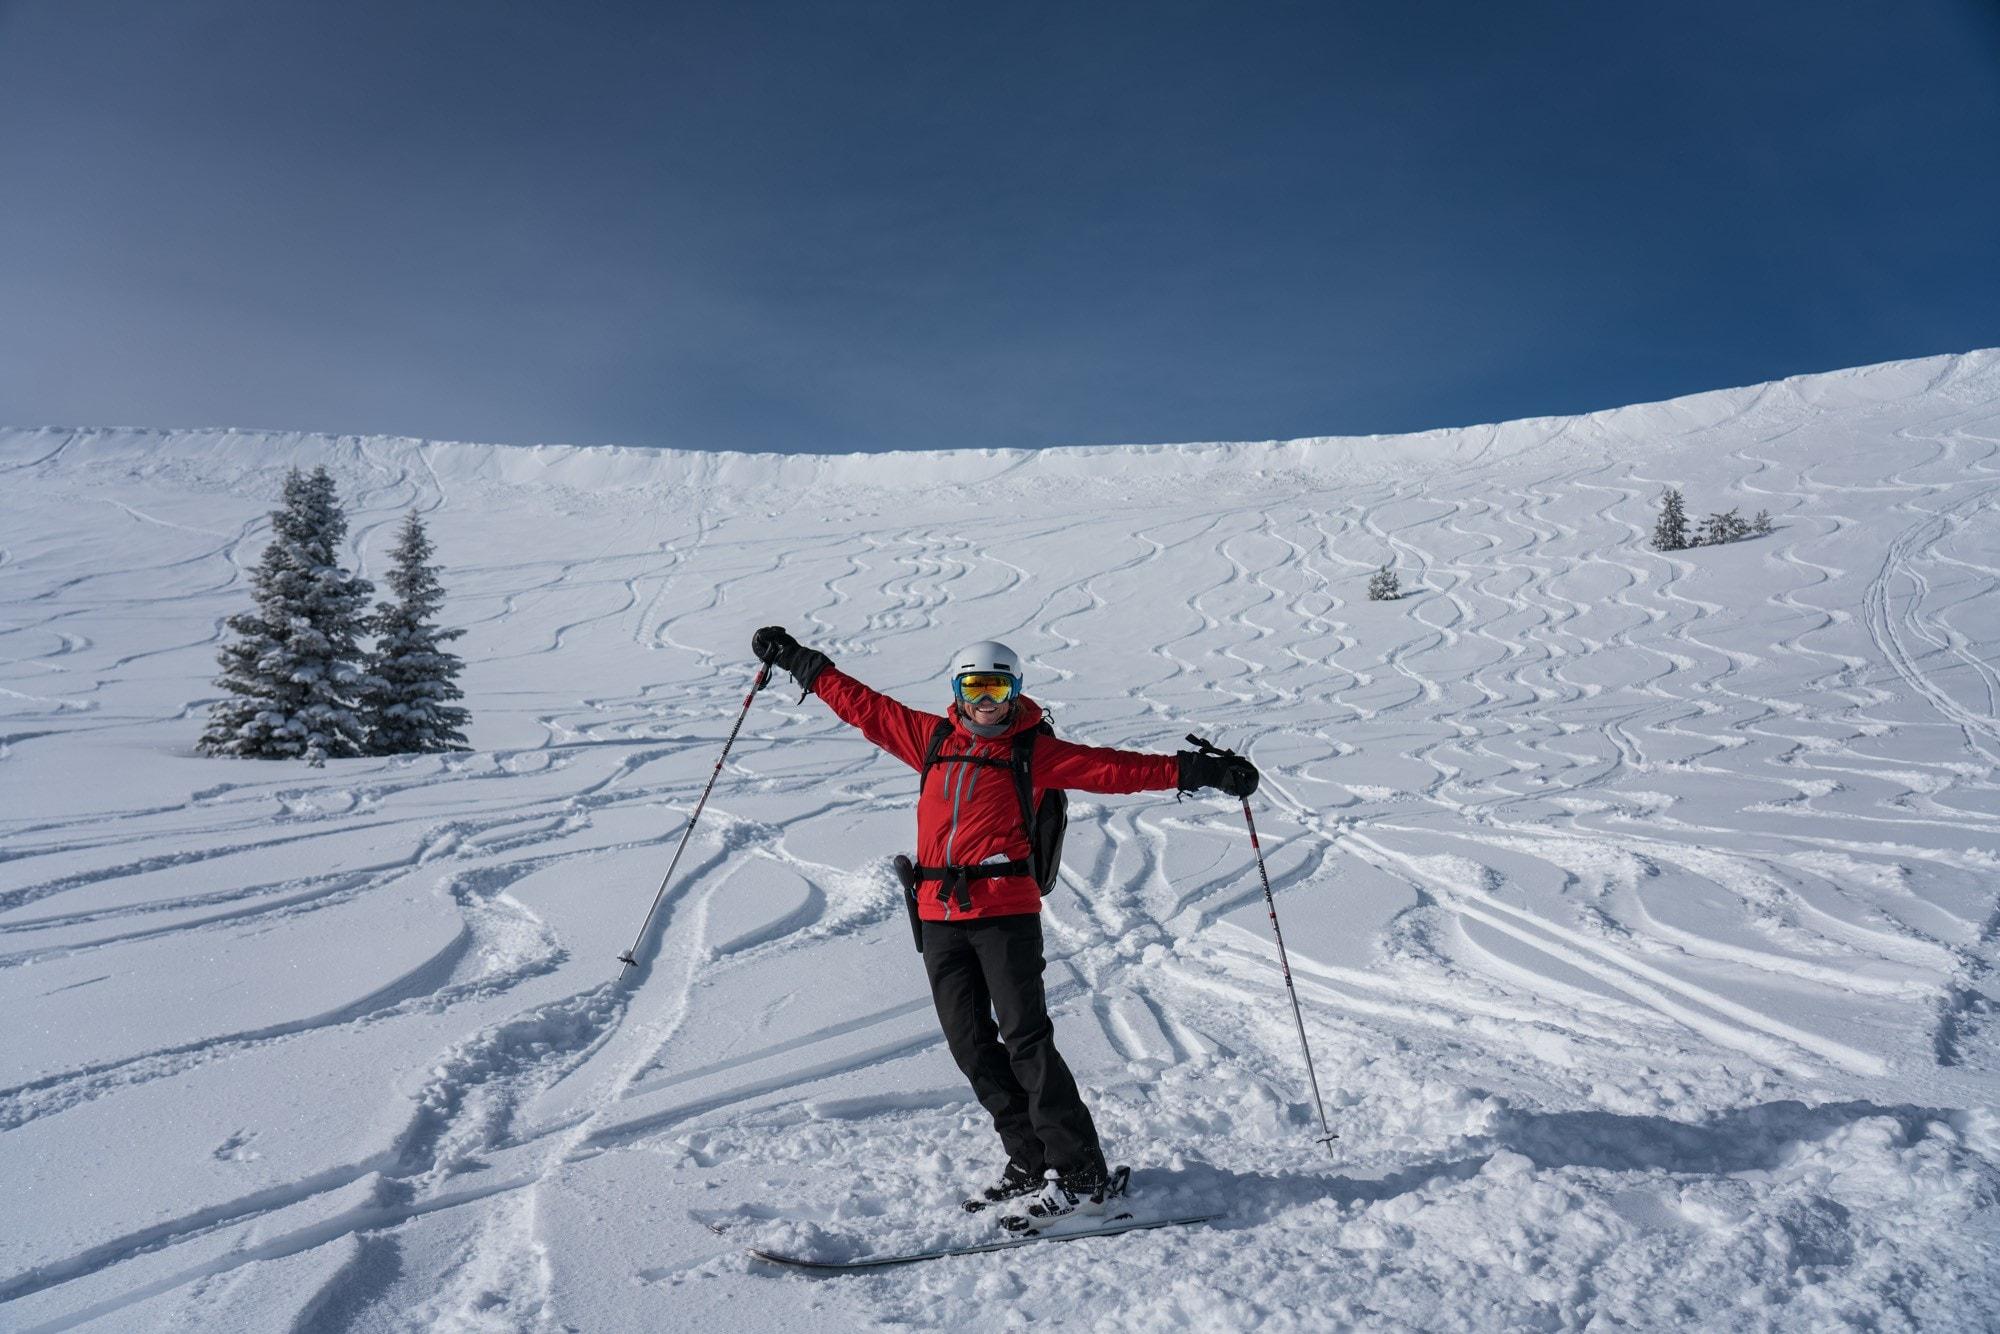 Skiing powder at Tamarack in Idaho